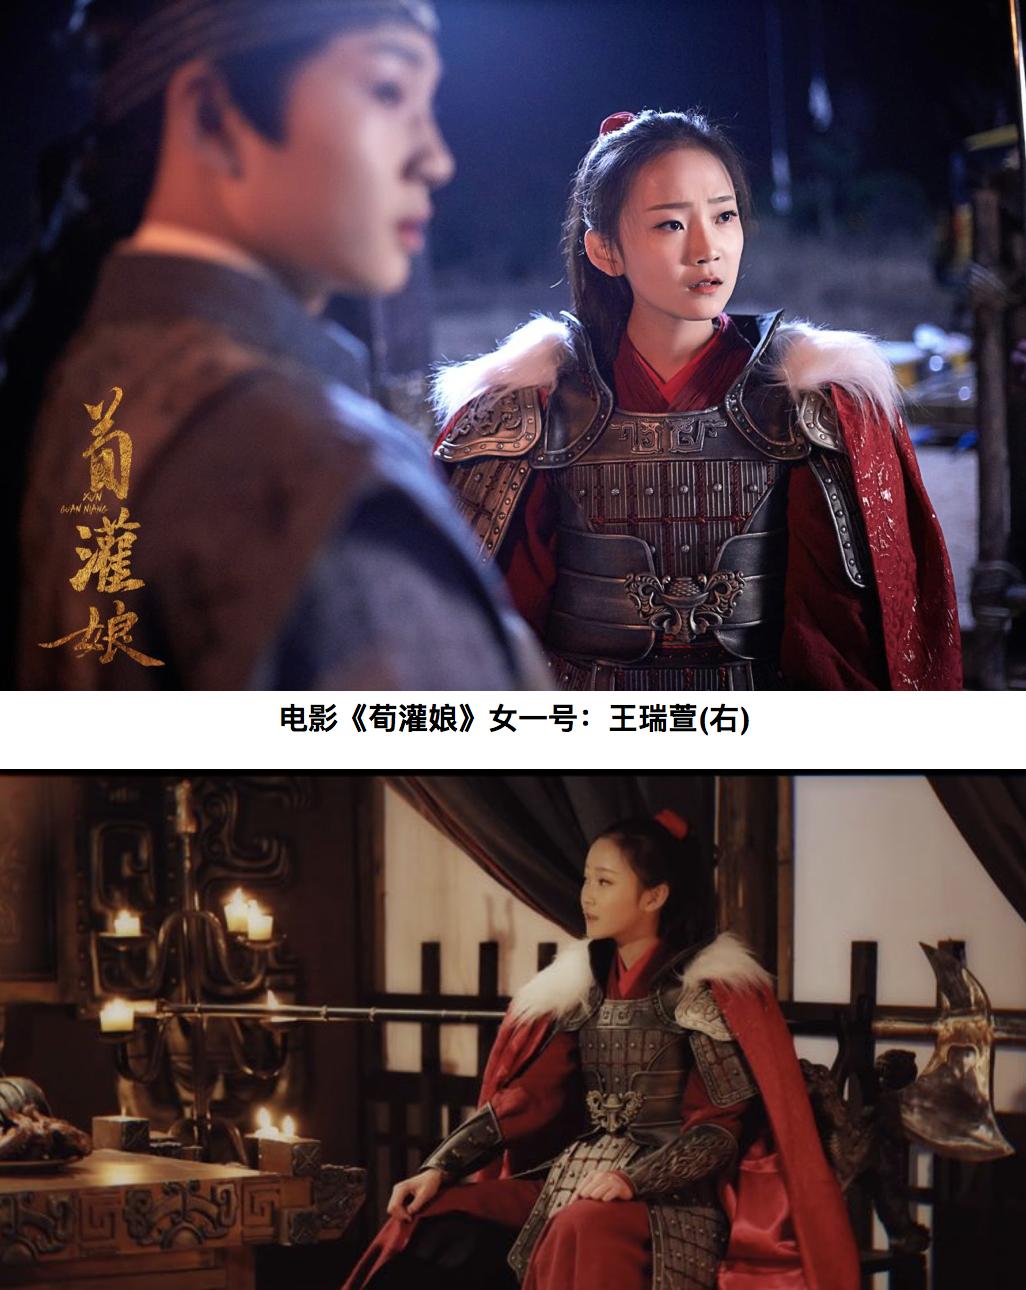 《荀灌娘》杀青 王瑞萱沈保平搬兵维和智解宛城之围